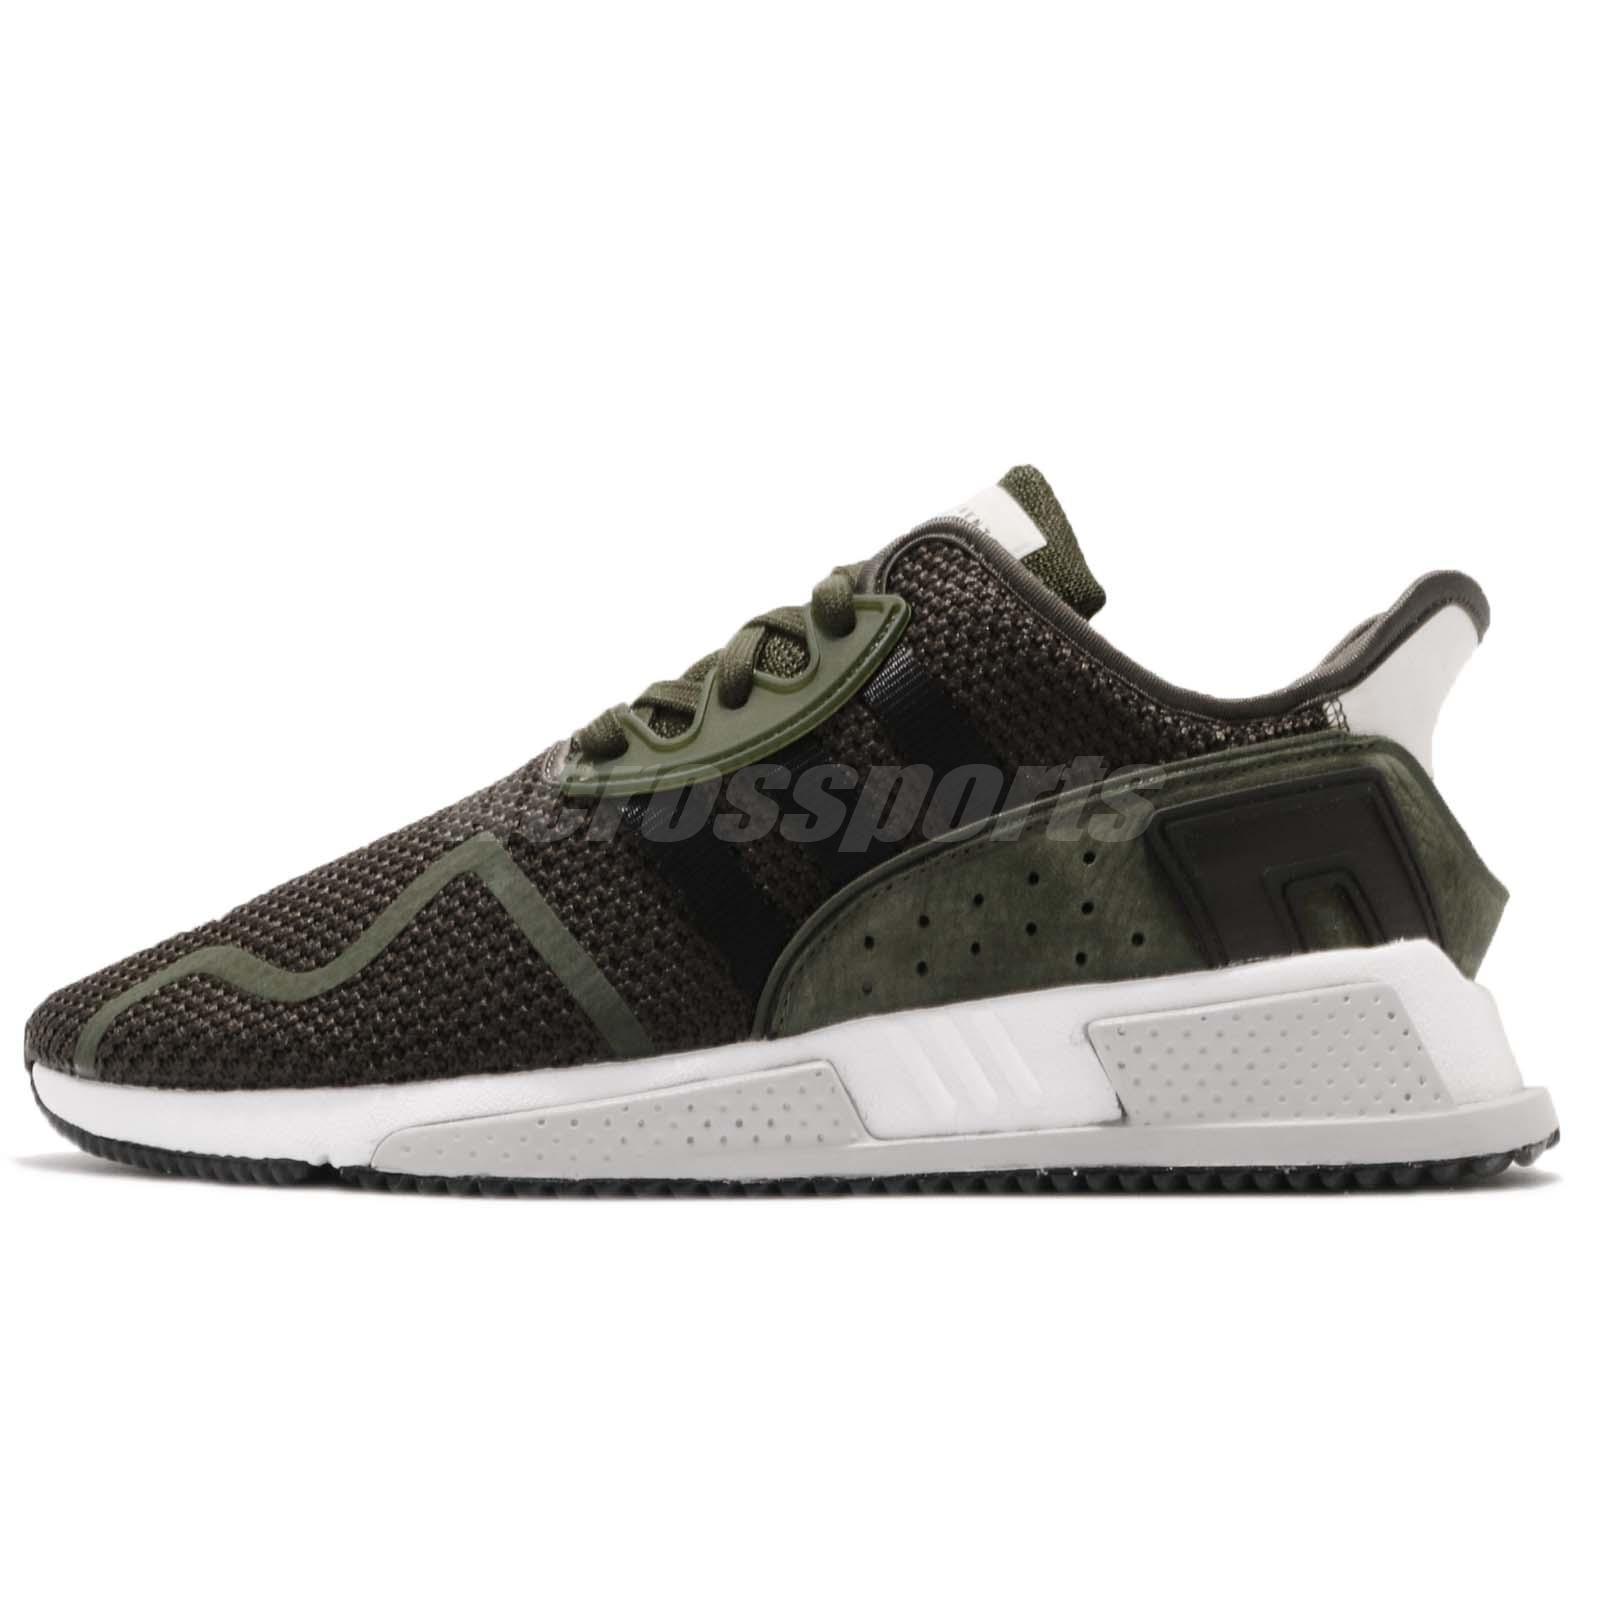 cheap for discount c864a 77769 adidas Originals EQT Cushion ADV Cargo Green Black Mens Running Shoes AQ0960